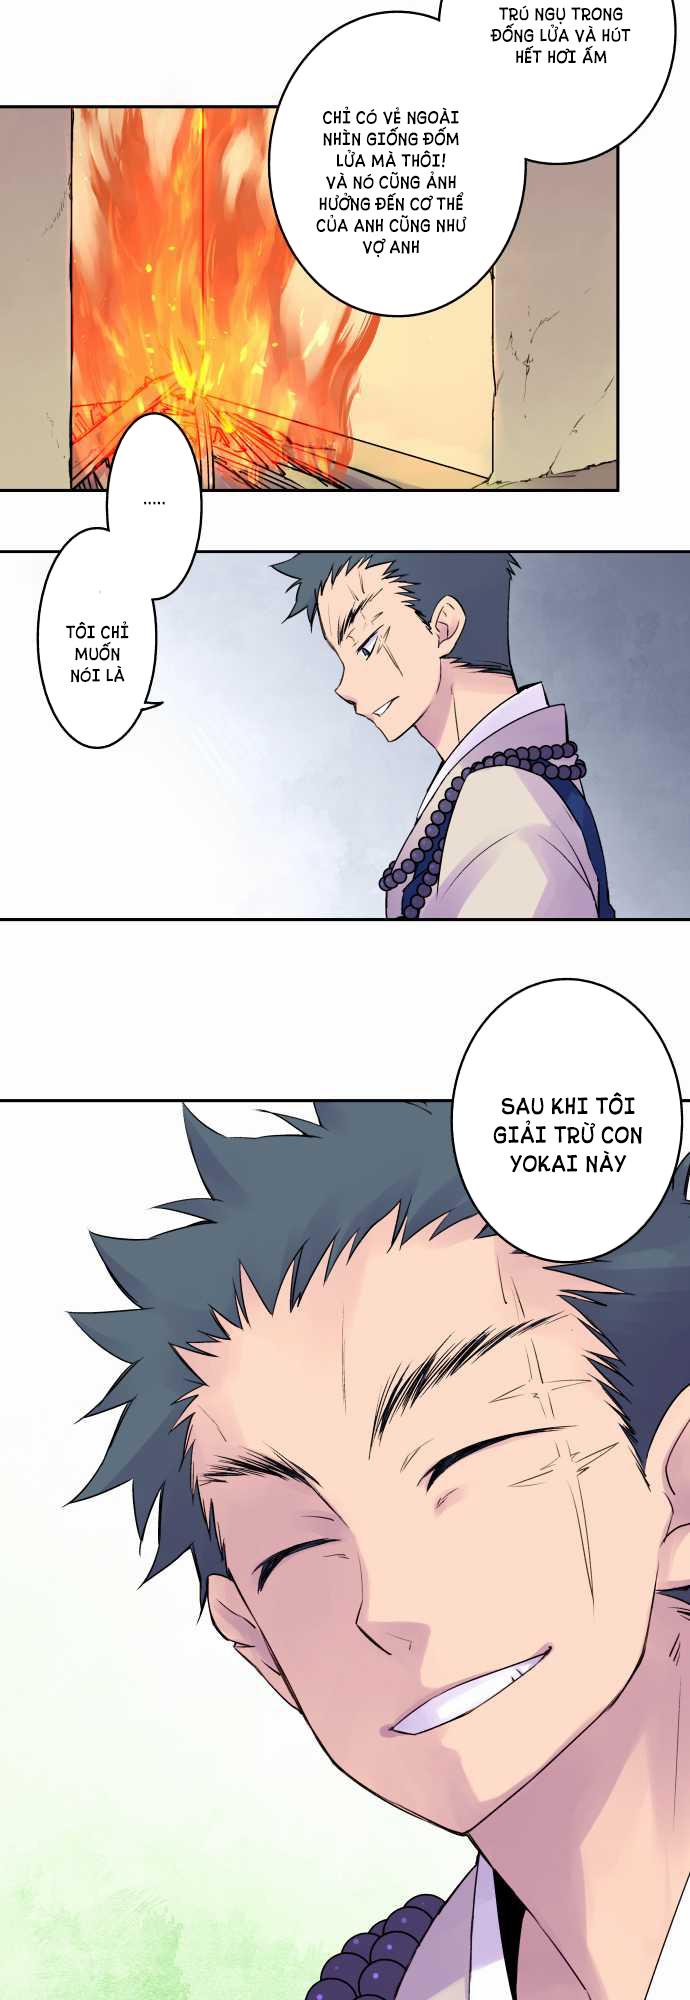 Ake no Tobari - Chương 8 - Pic 9